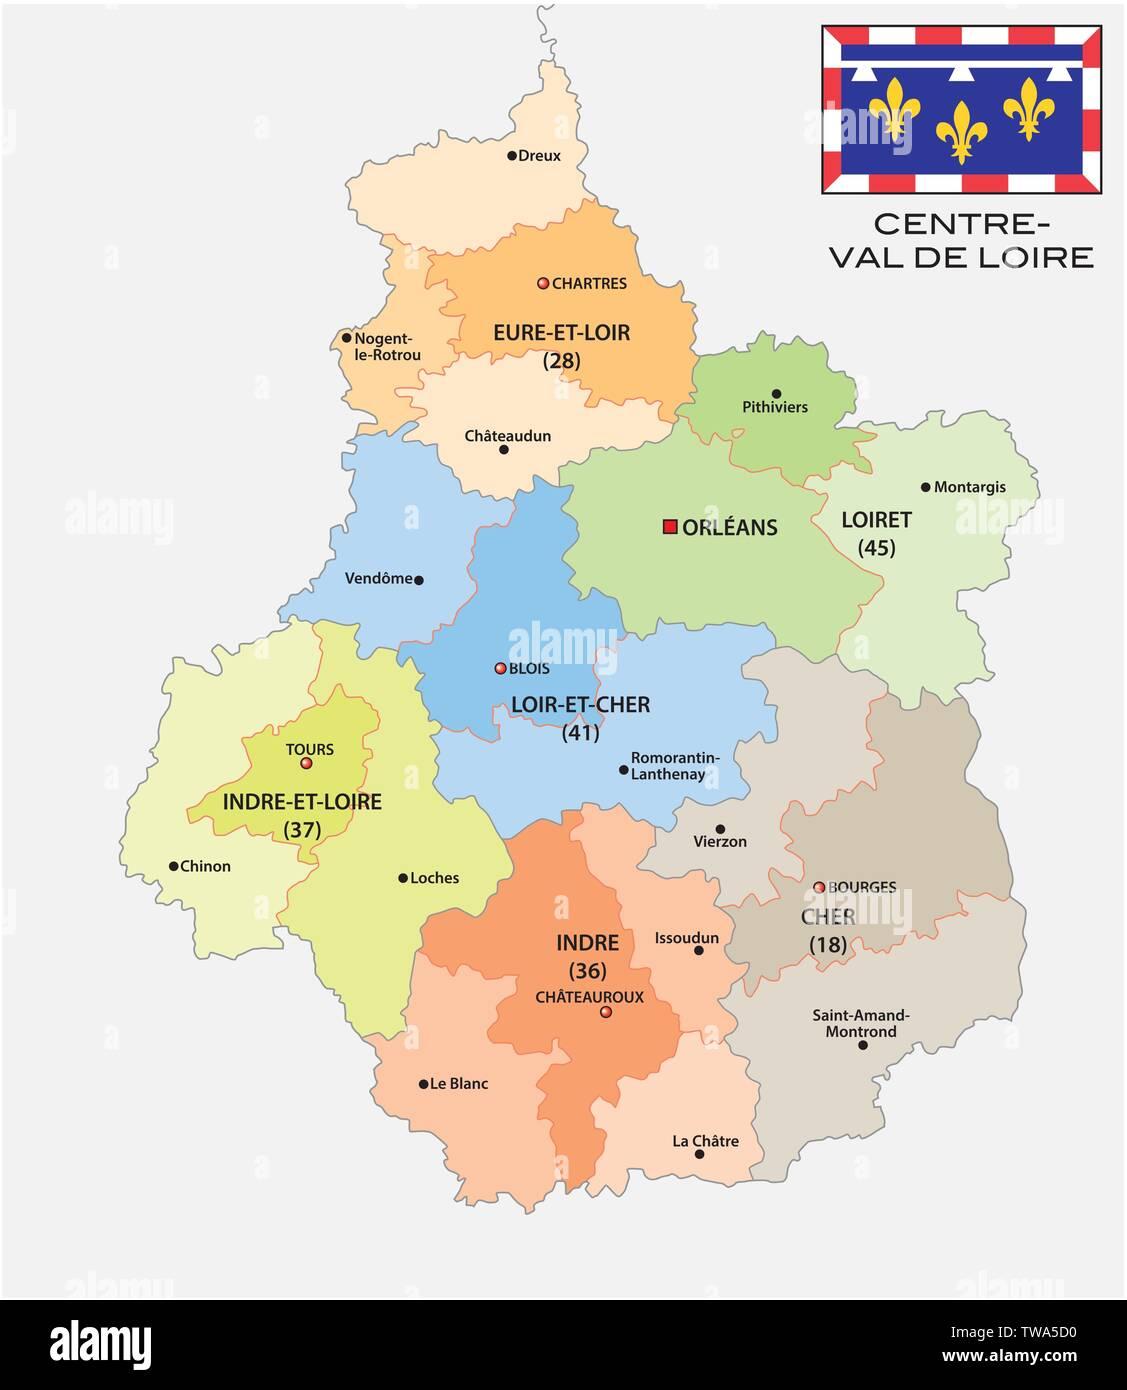 région centre val de loire carte administrative and political map of the region Centre Val de Loire